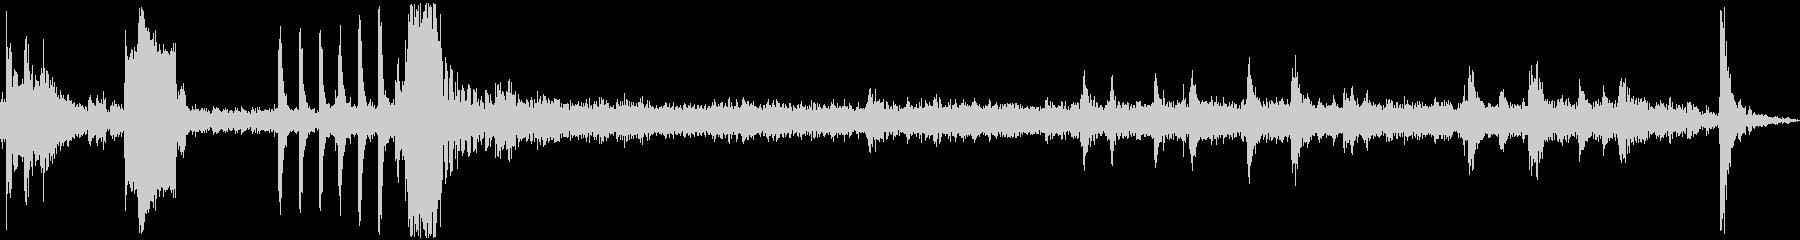 瞬間湯沸かし器生録音の未再生の波形